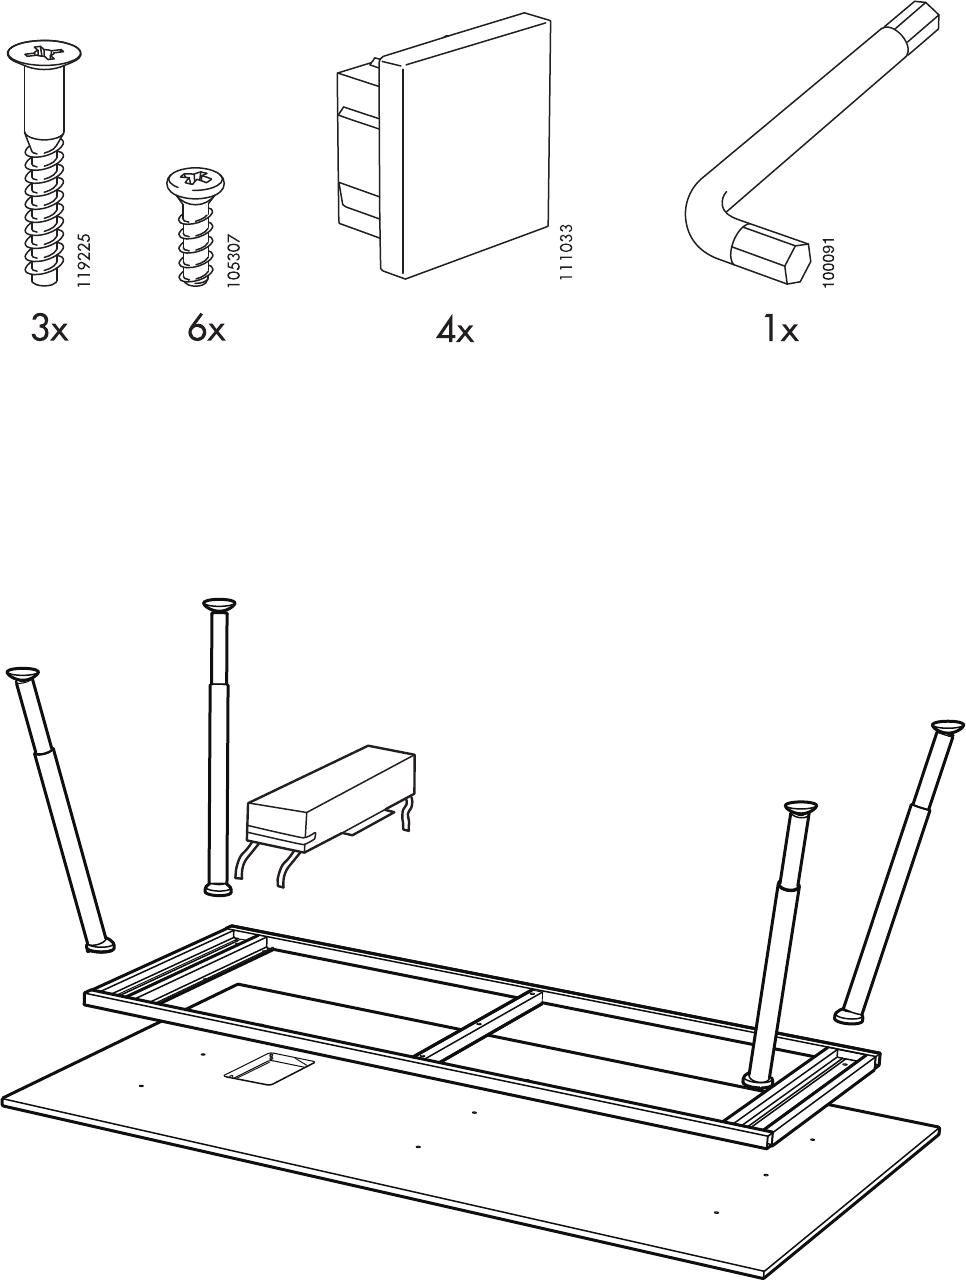 Uitzonderlijk Iets Nieuws Ikea Galant Tafel #NDP57 - AgnesWaMu &ST59